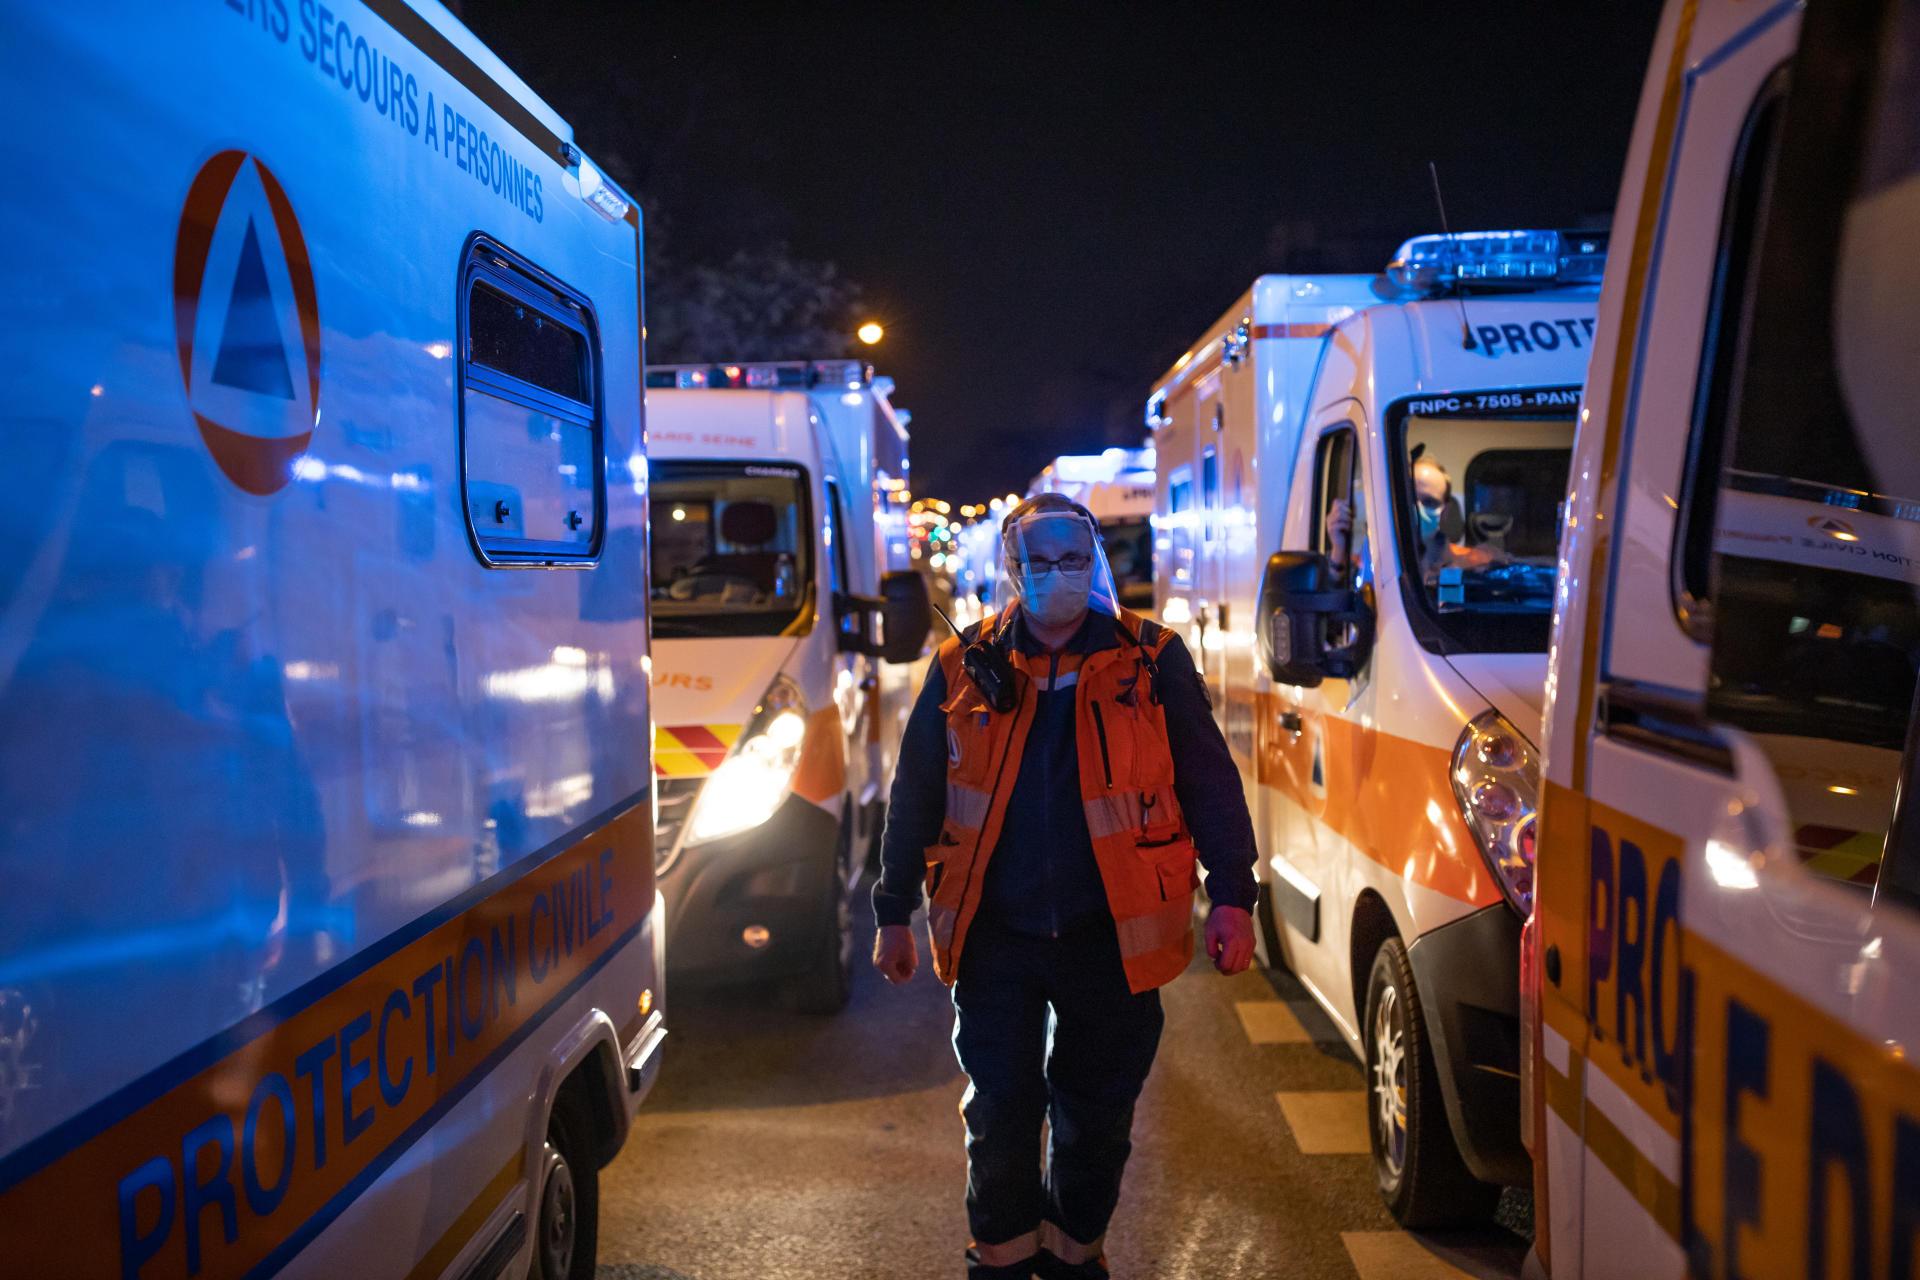 Les véhicules de la protection civile arrivent gare d'Austerlitz,à Paris, vendredi 10 avril, afin de récupérer le personnel médical et les brancards.